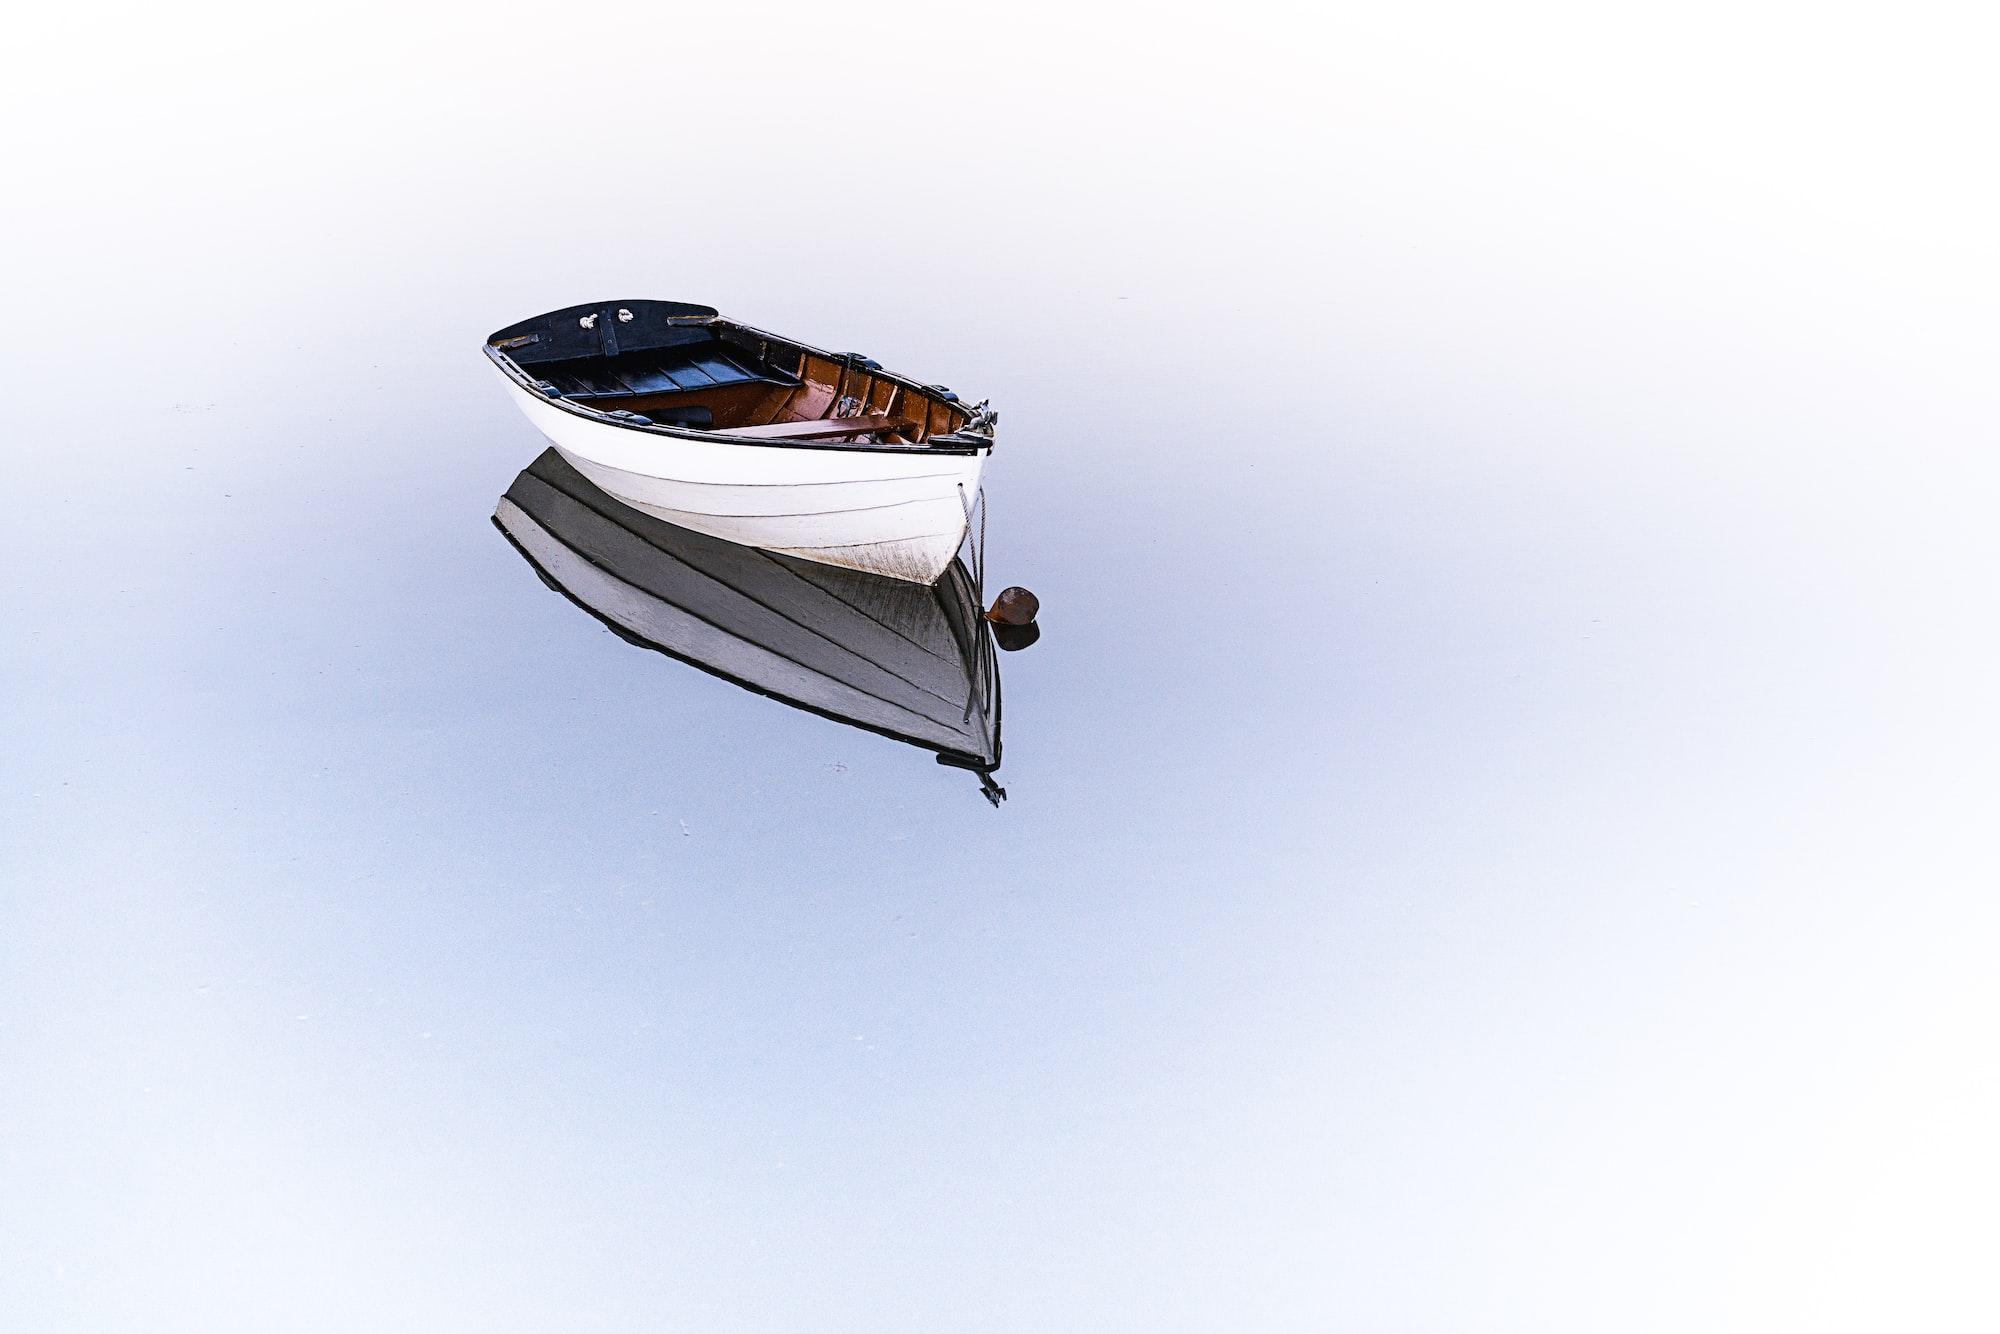 Limanlarda Kıyı İle Gemi Arasında Yük Taşımada Kullanılan Altı Düz,Sağlam Yapılı Sac Tekne Bulmaca Anlamı Nedir?